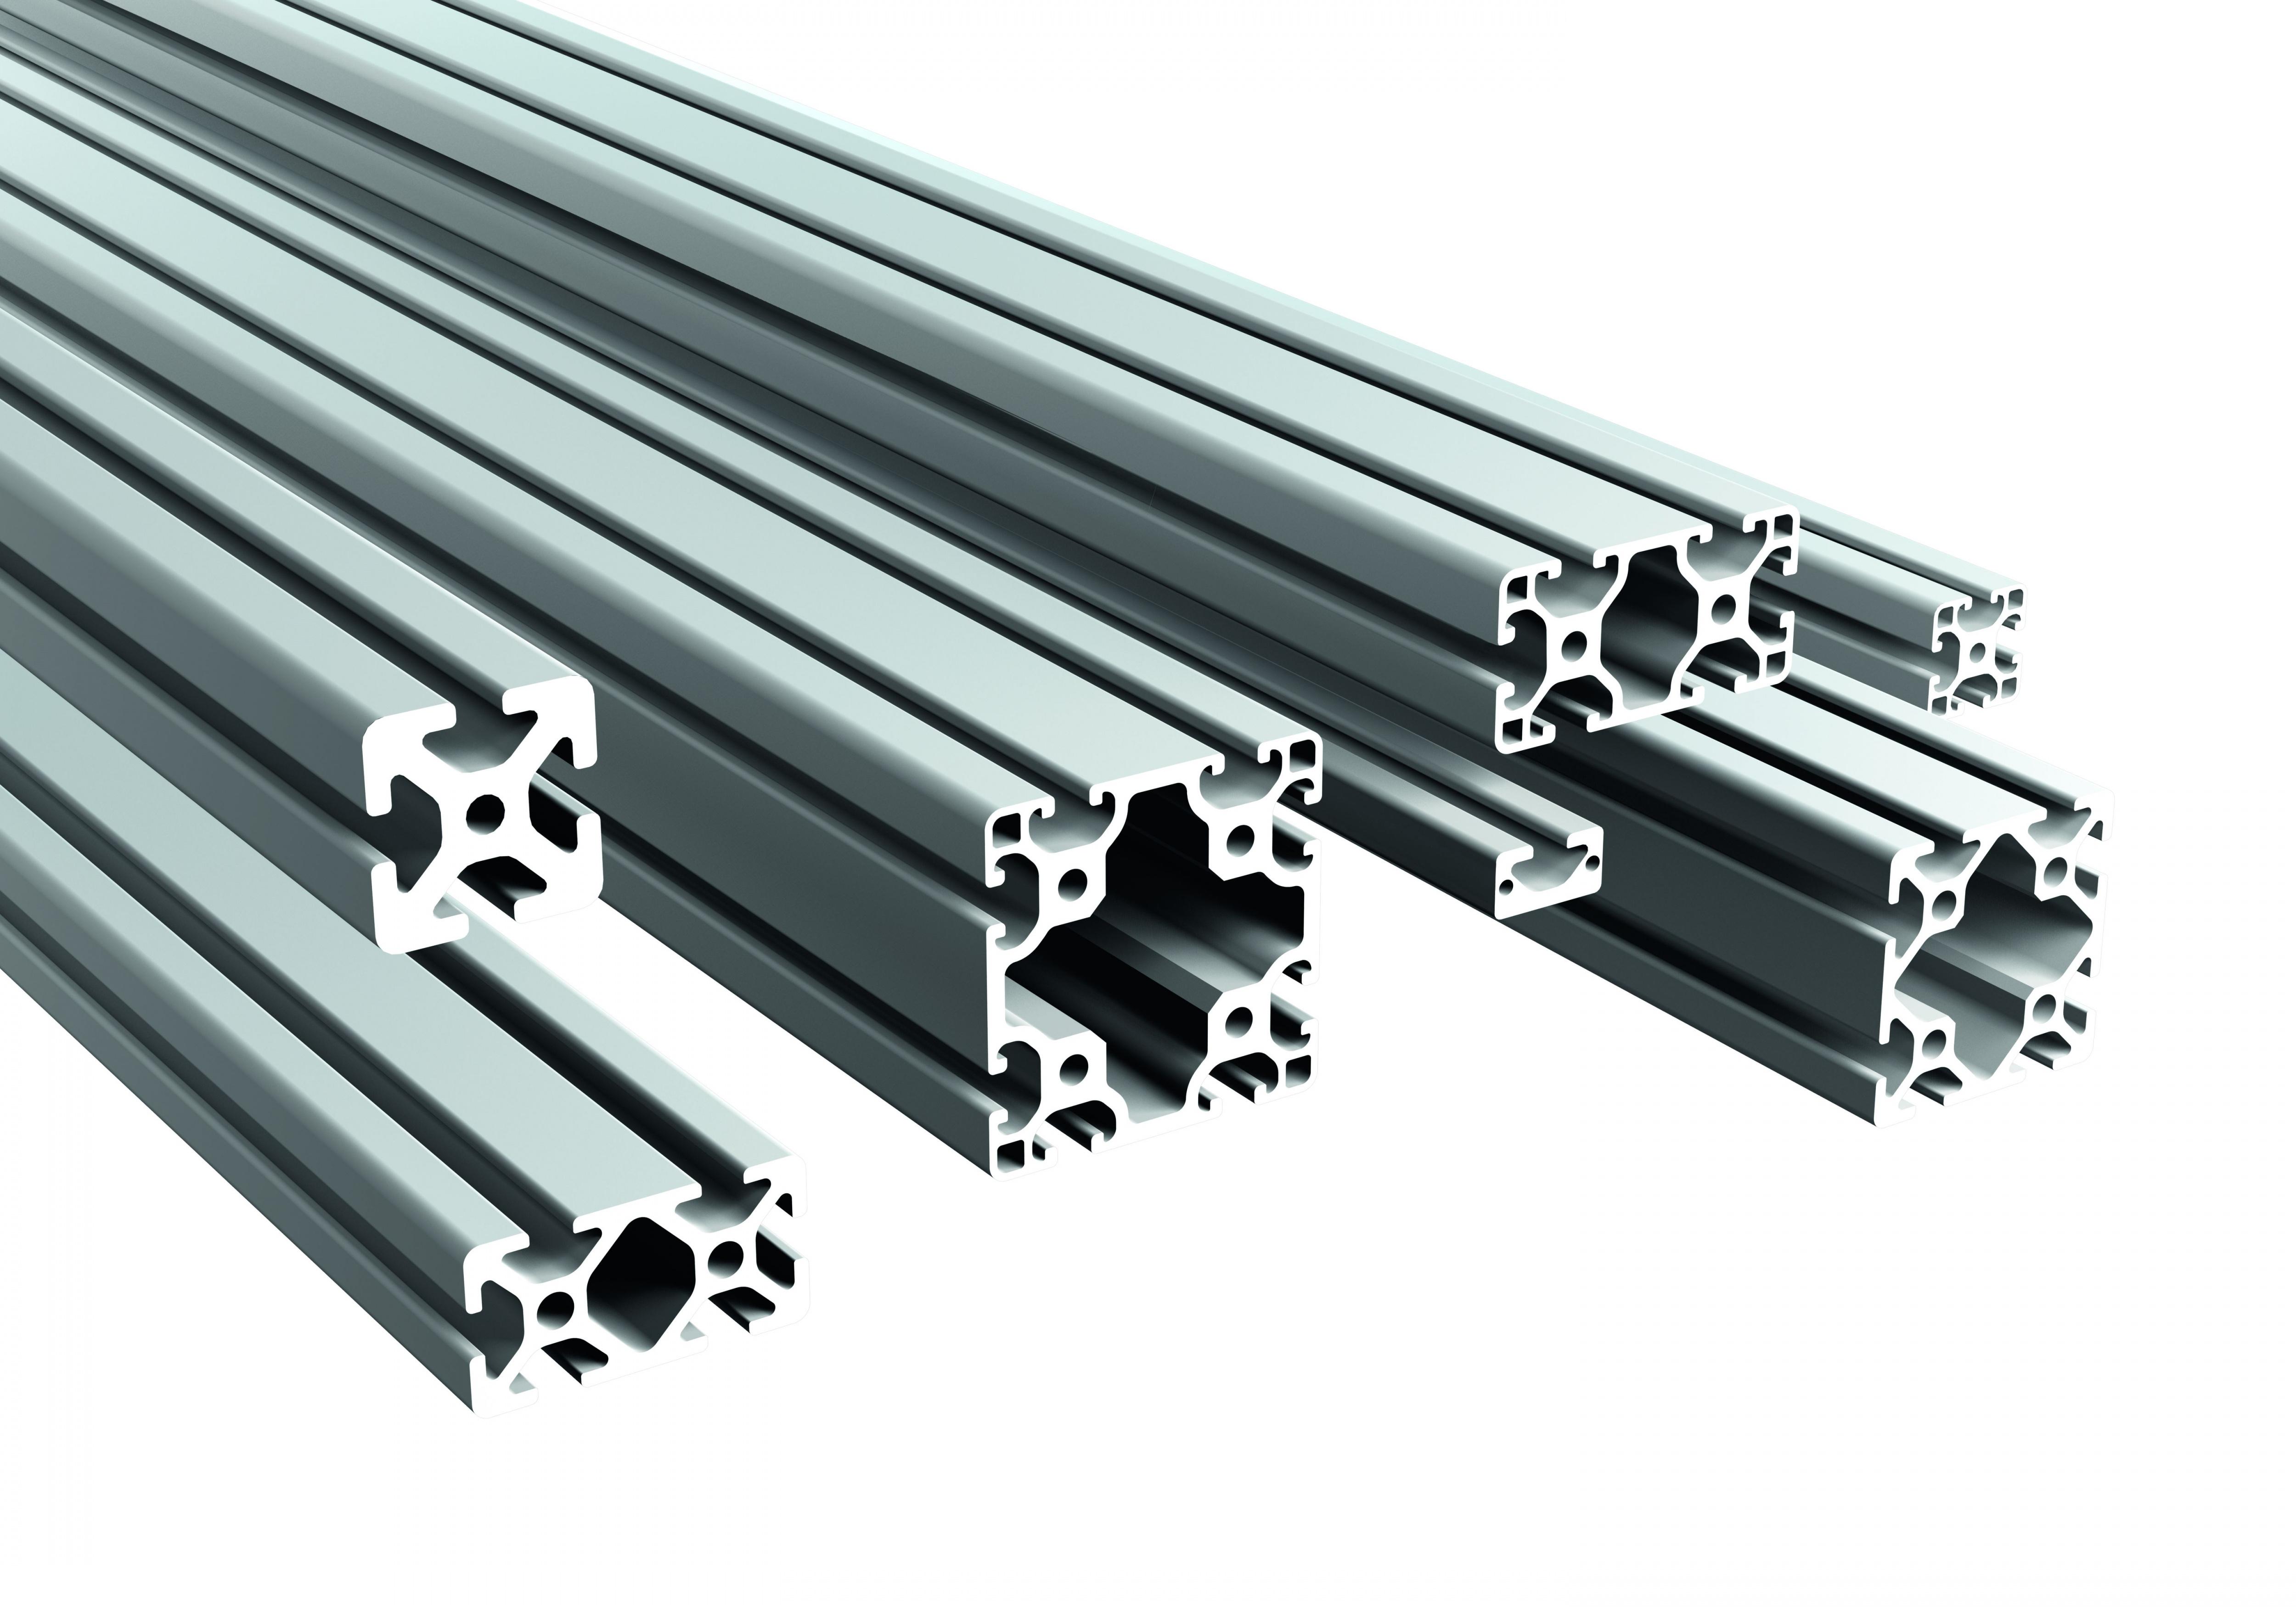 Robuste, kratzfeste und korrosionsgeschützte Aluminiumprofile. Die warmausgehärteten Halbzeuge mit rechteckigem Querschn